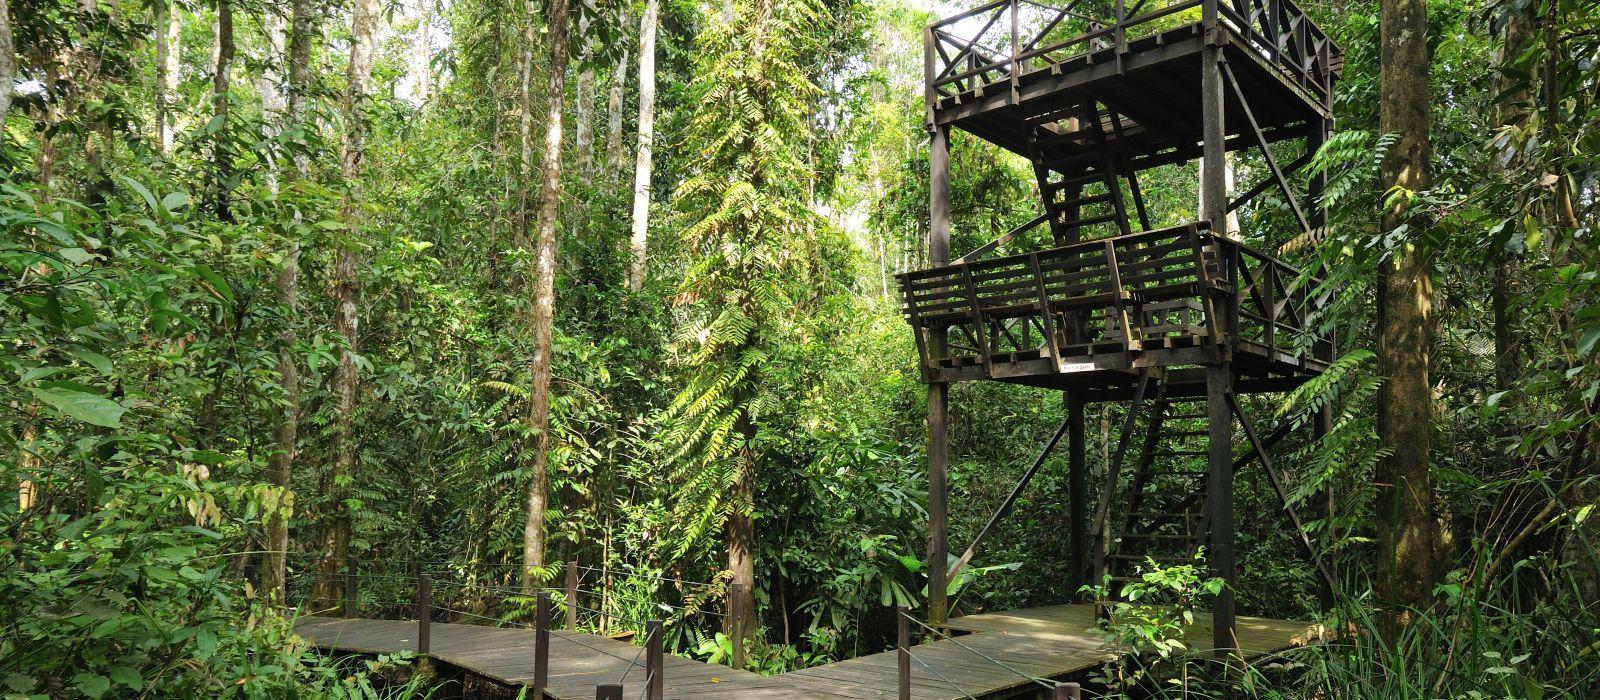 Abenteuer Wildnis – Borneos Dschungel und Strände Urlaub 4